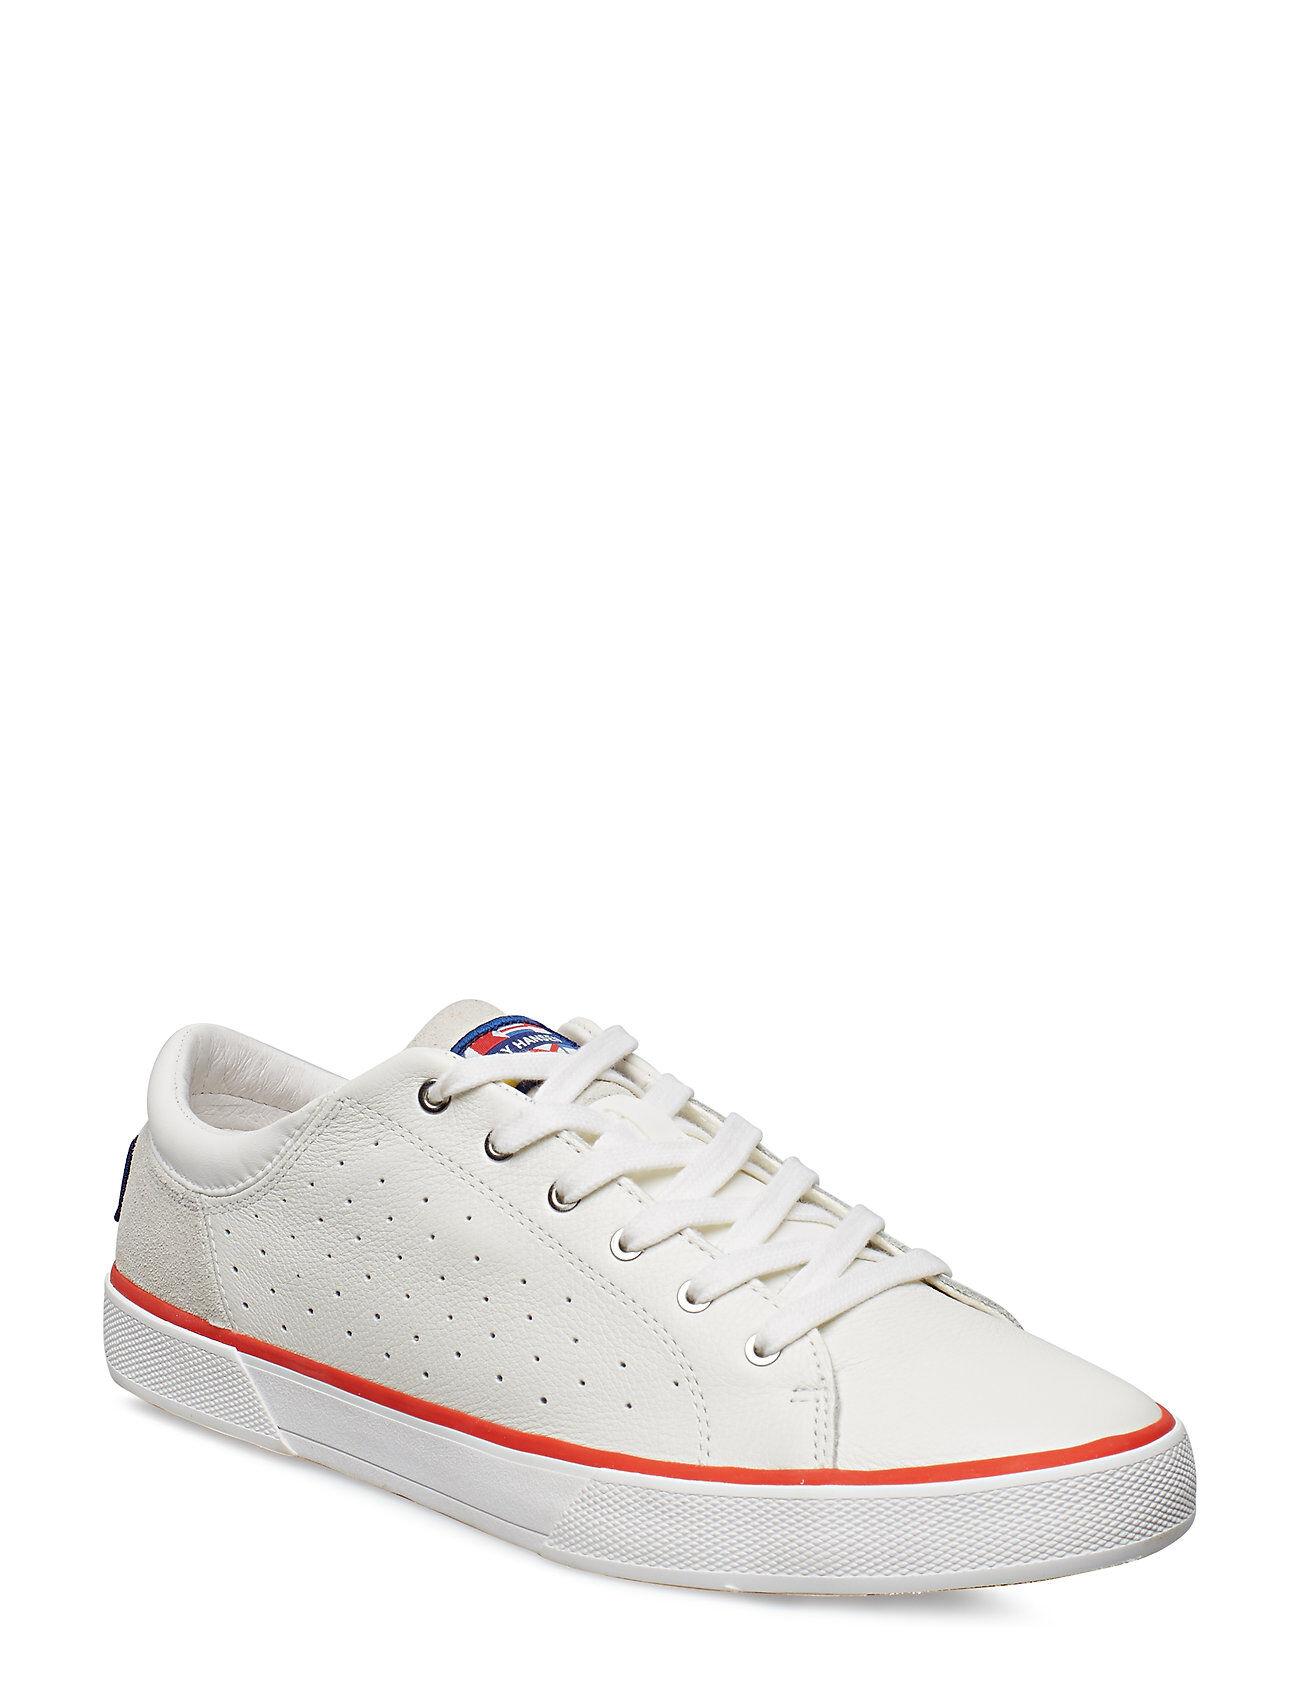 Image of Helly Hansen Copenhagen Leather Shoe Matalavartiset Sneakerit Tennarit Valkoinen